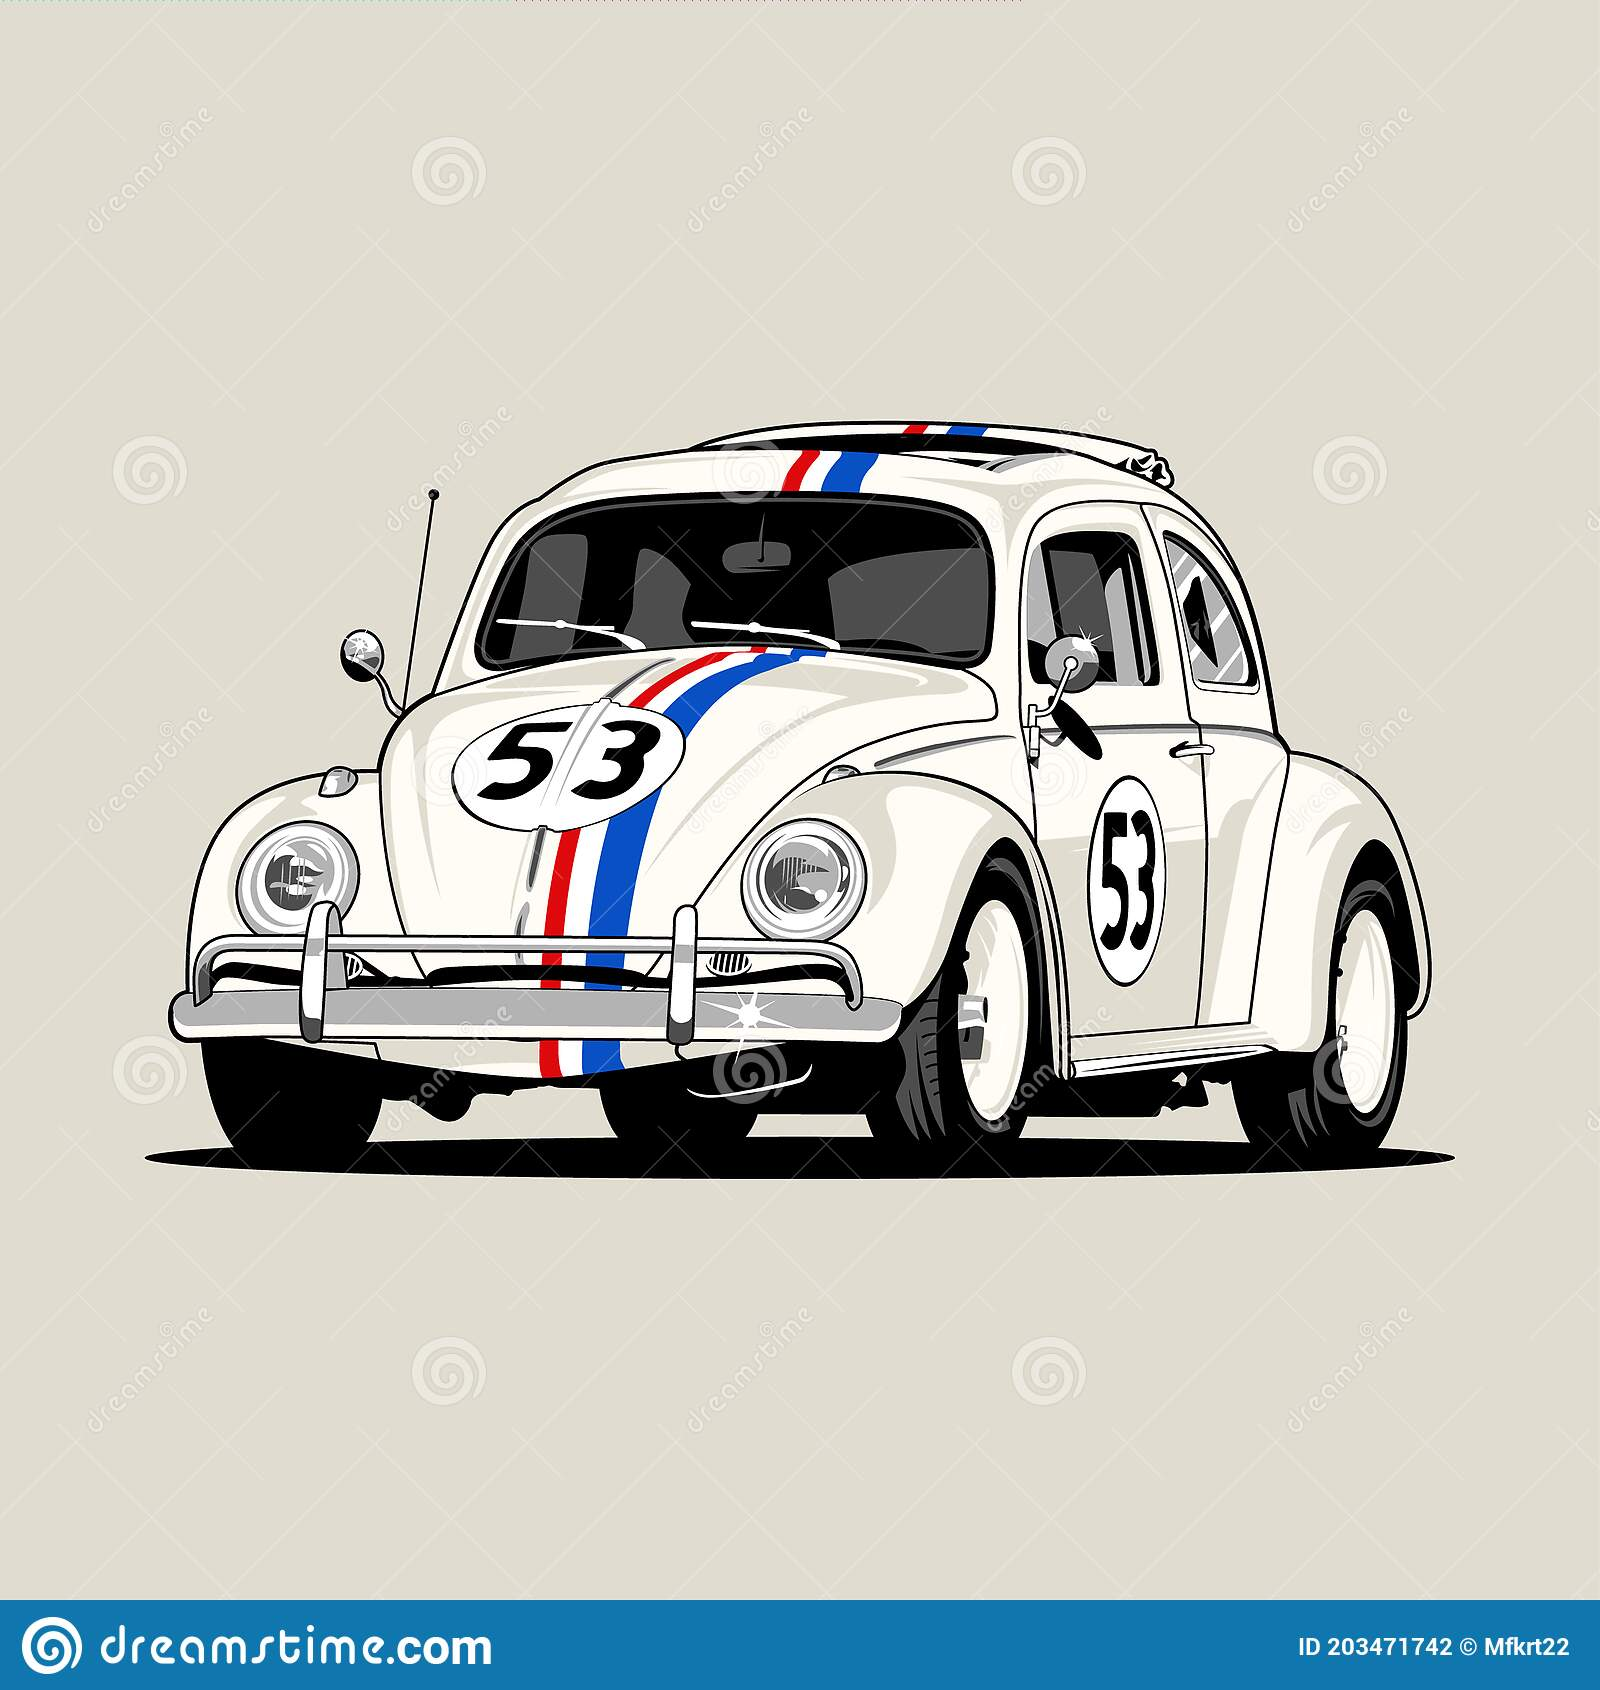 Beetle Car Cartoon Stock Illustrations 316 Beetle Car Cartoon Stock Illustrations Vectors Clipart Dreamstime